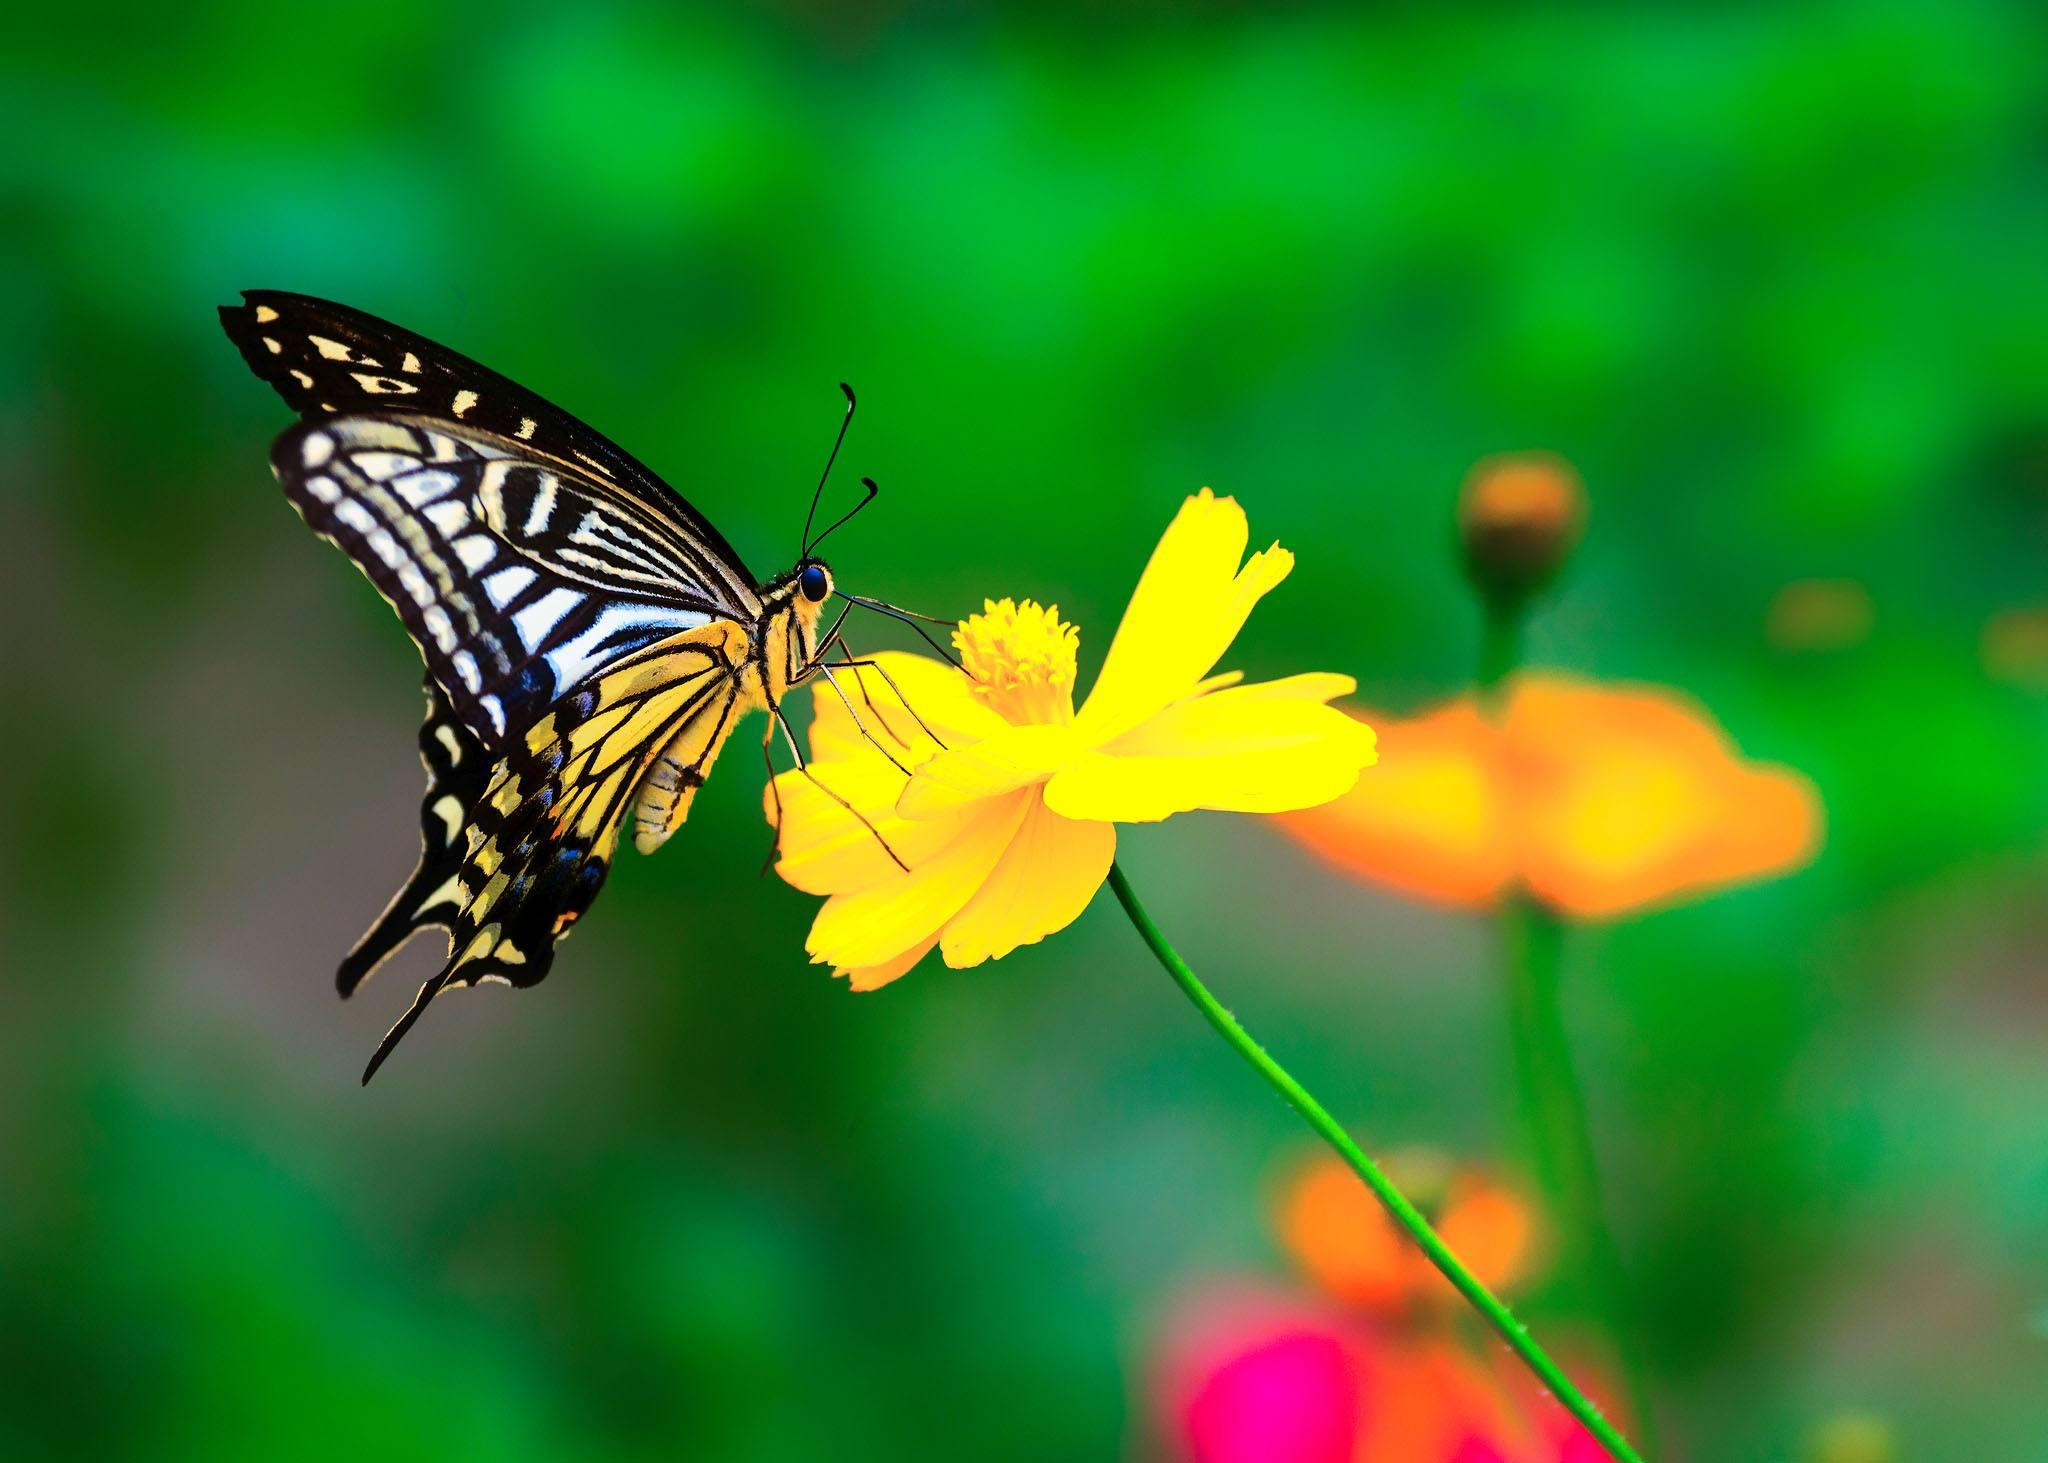 """全球昆虫数目减少 昆虫灭绝会导致自然生态系统""""灾难性崩溃"""""""